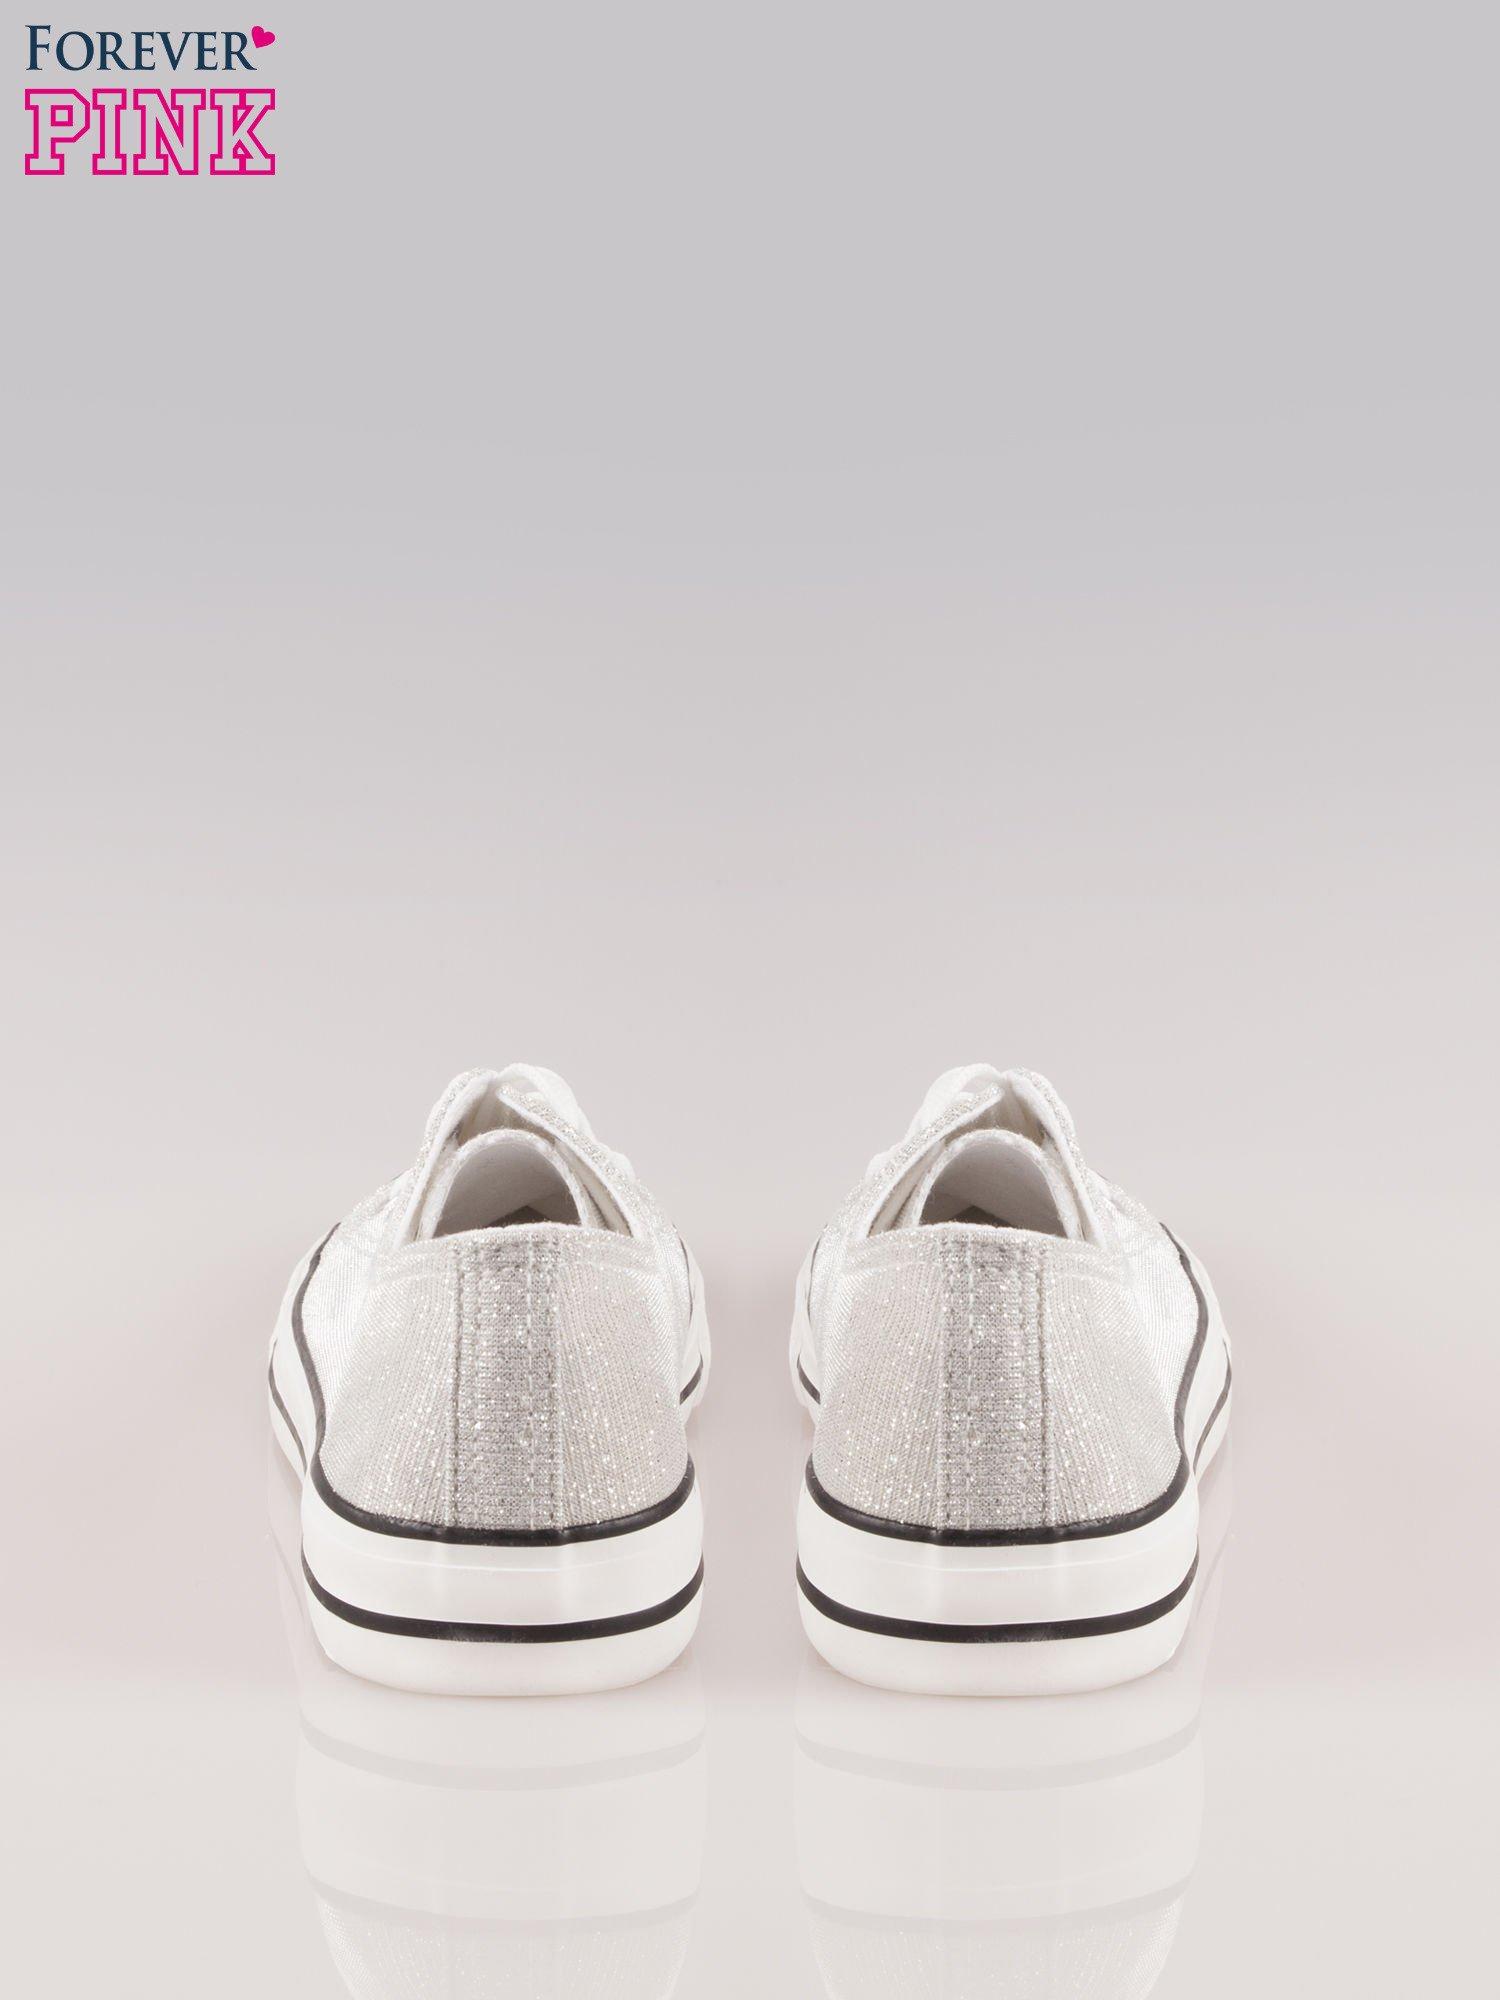 Białe trampki damskie do kostek z efektem glitter                                  zdj.                                  3